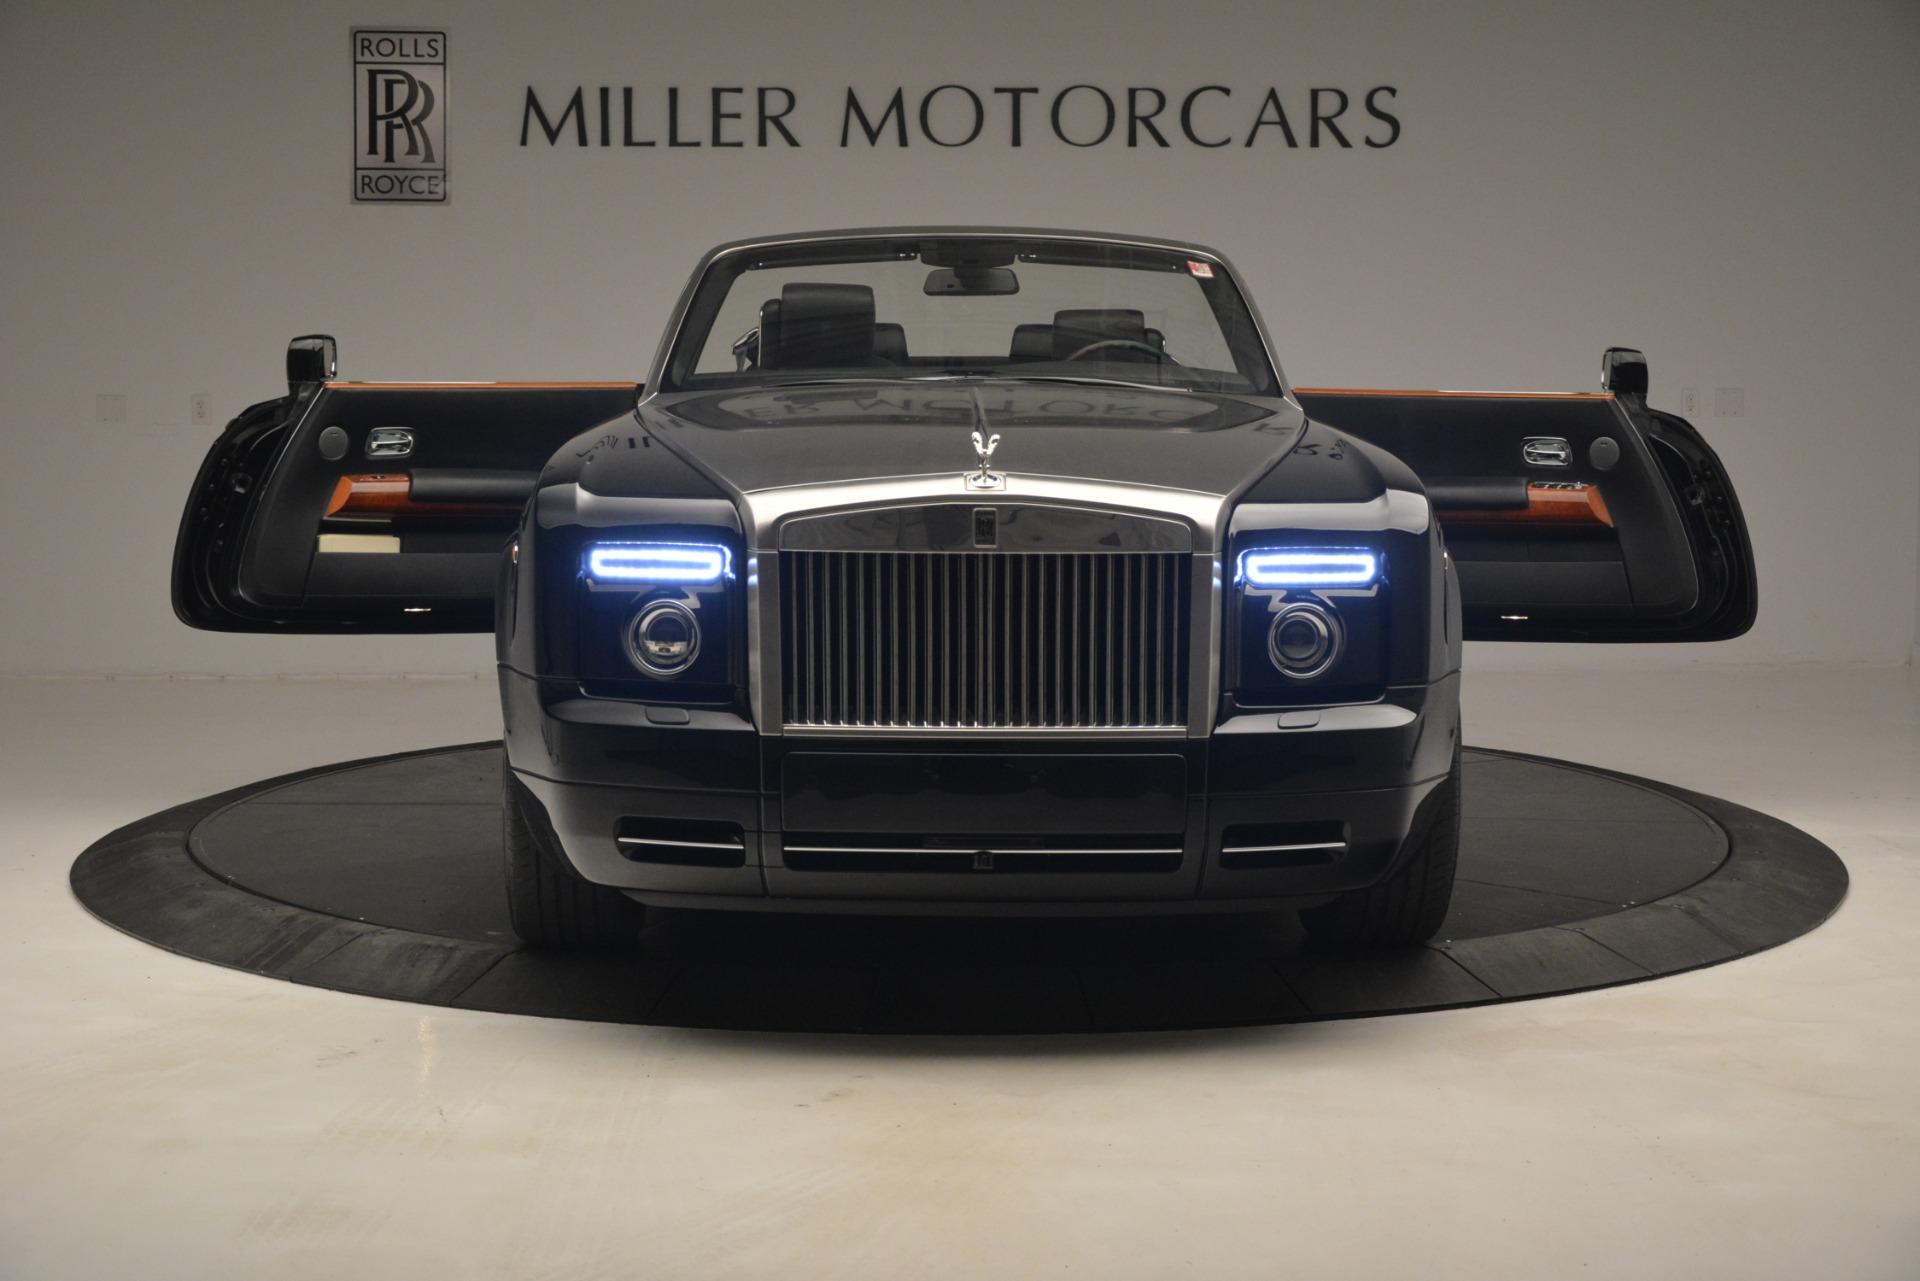 Used 2008 Rolls-Royce Phantom Drophead Coupe  For Sale In Westport, CT 3000_p17